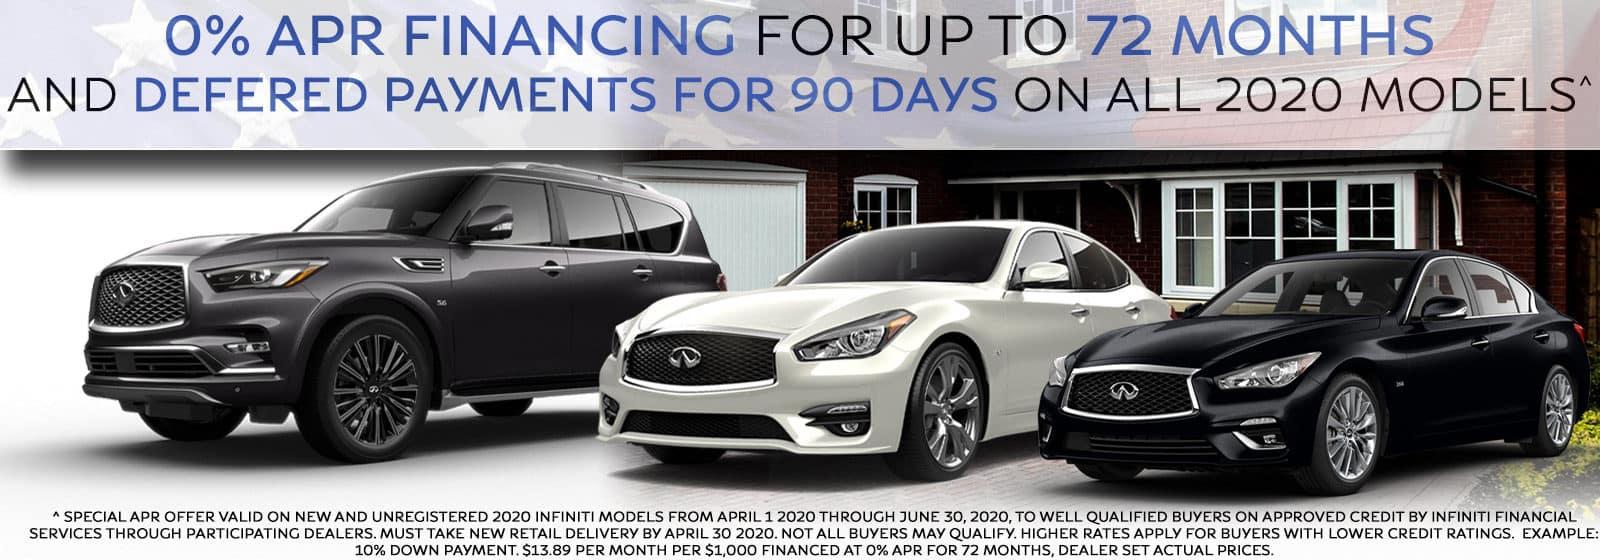 0% APR for 72 months. See dealer for full details.